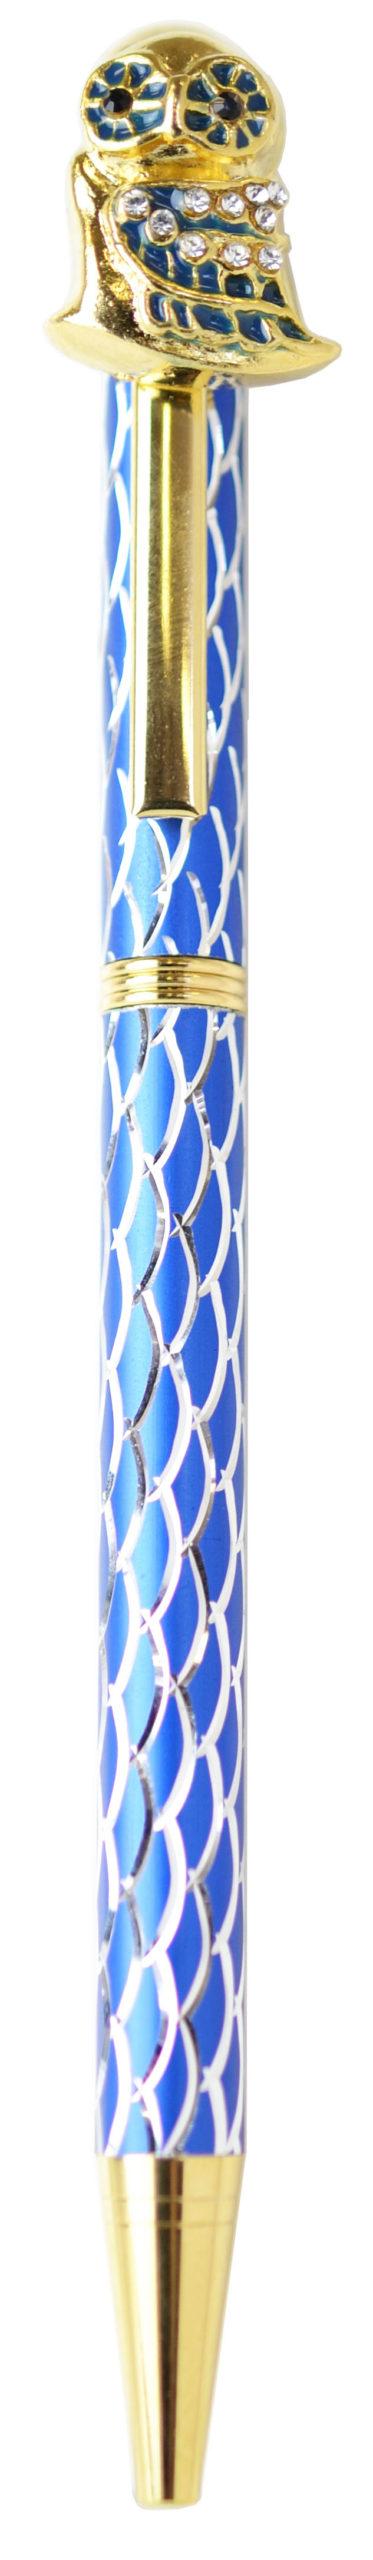 スワロフスキークリスタルボールペン フクロウ2 ブルー <br>No.65367